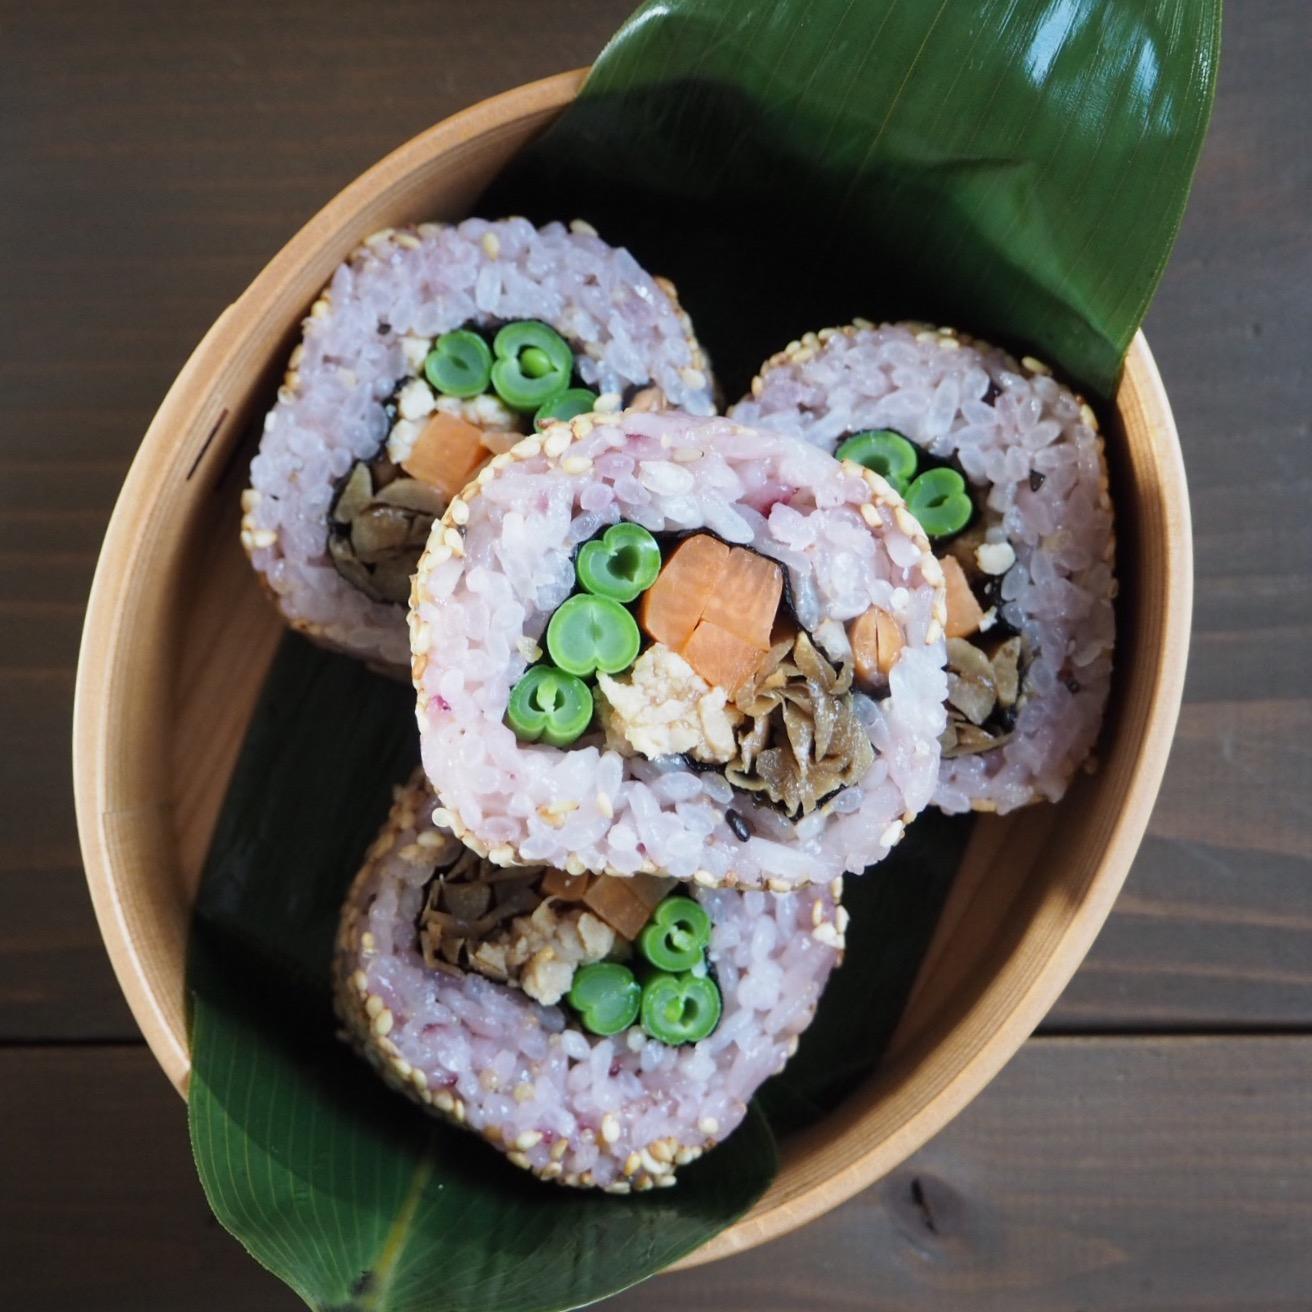 裏巻き寿司の恵方巻き弁当_c0270834_7555939.jpg